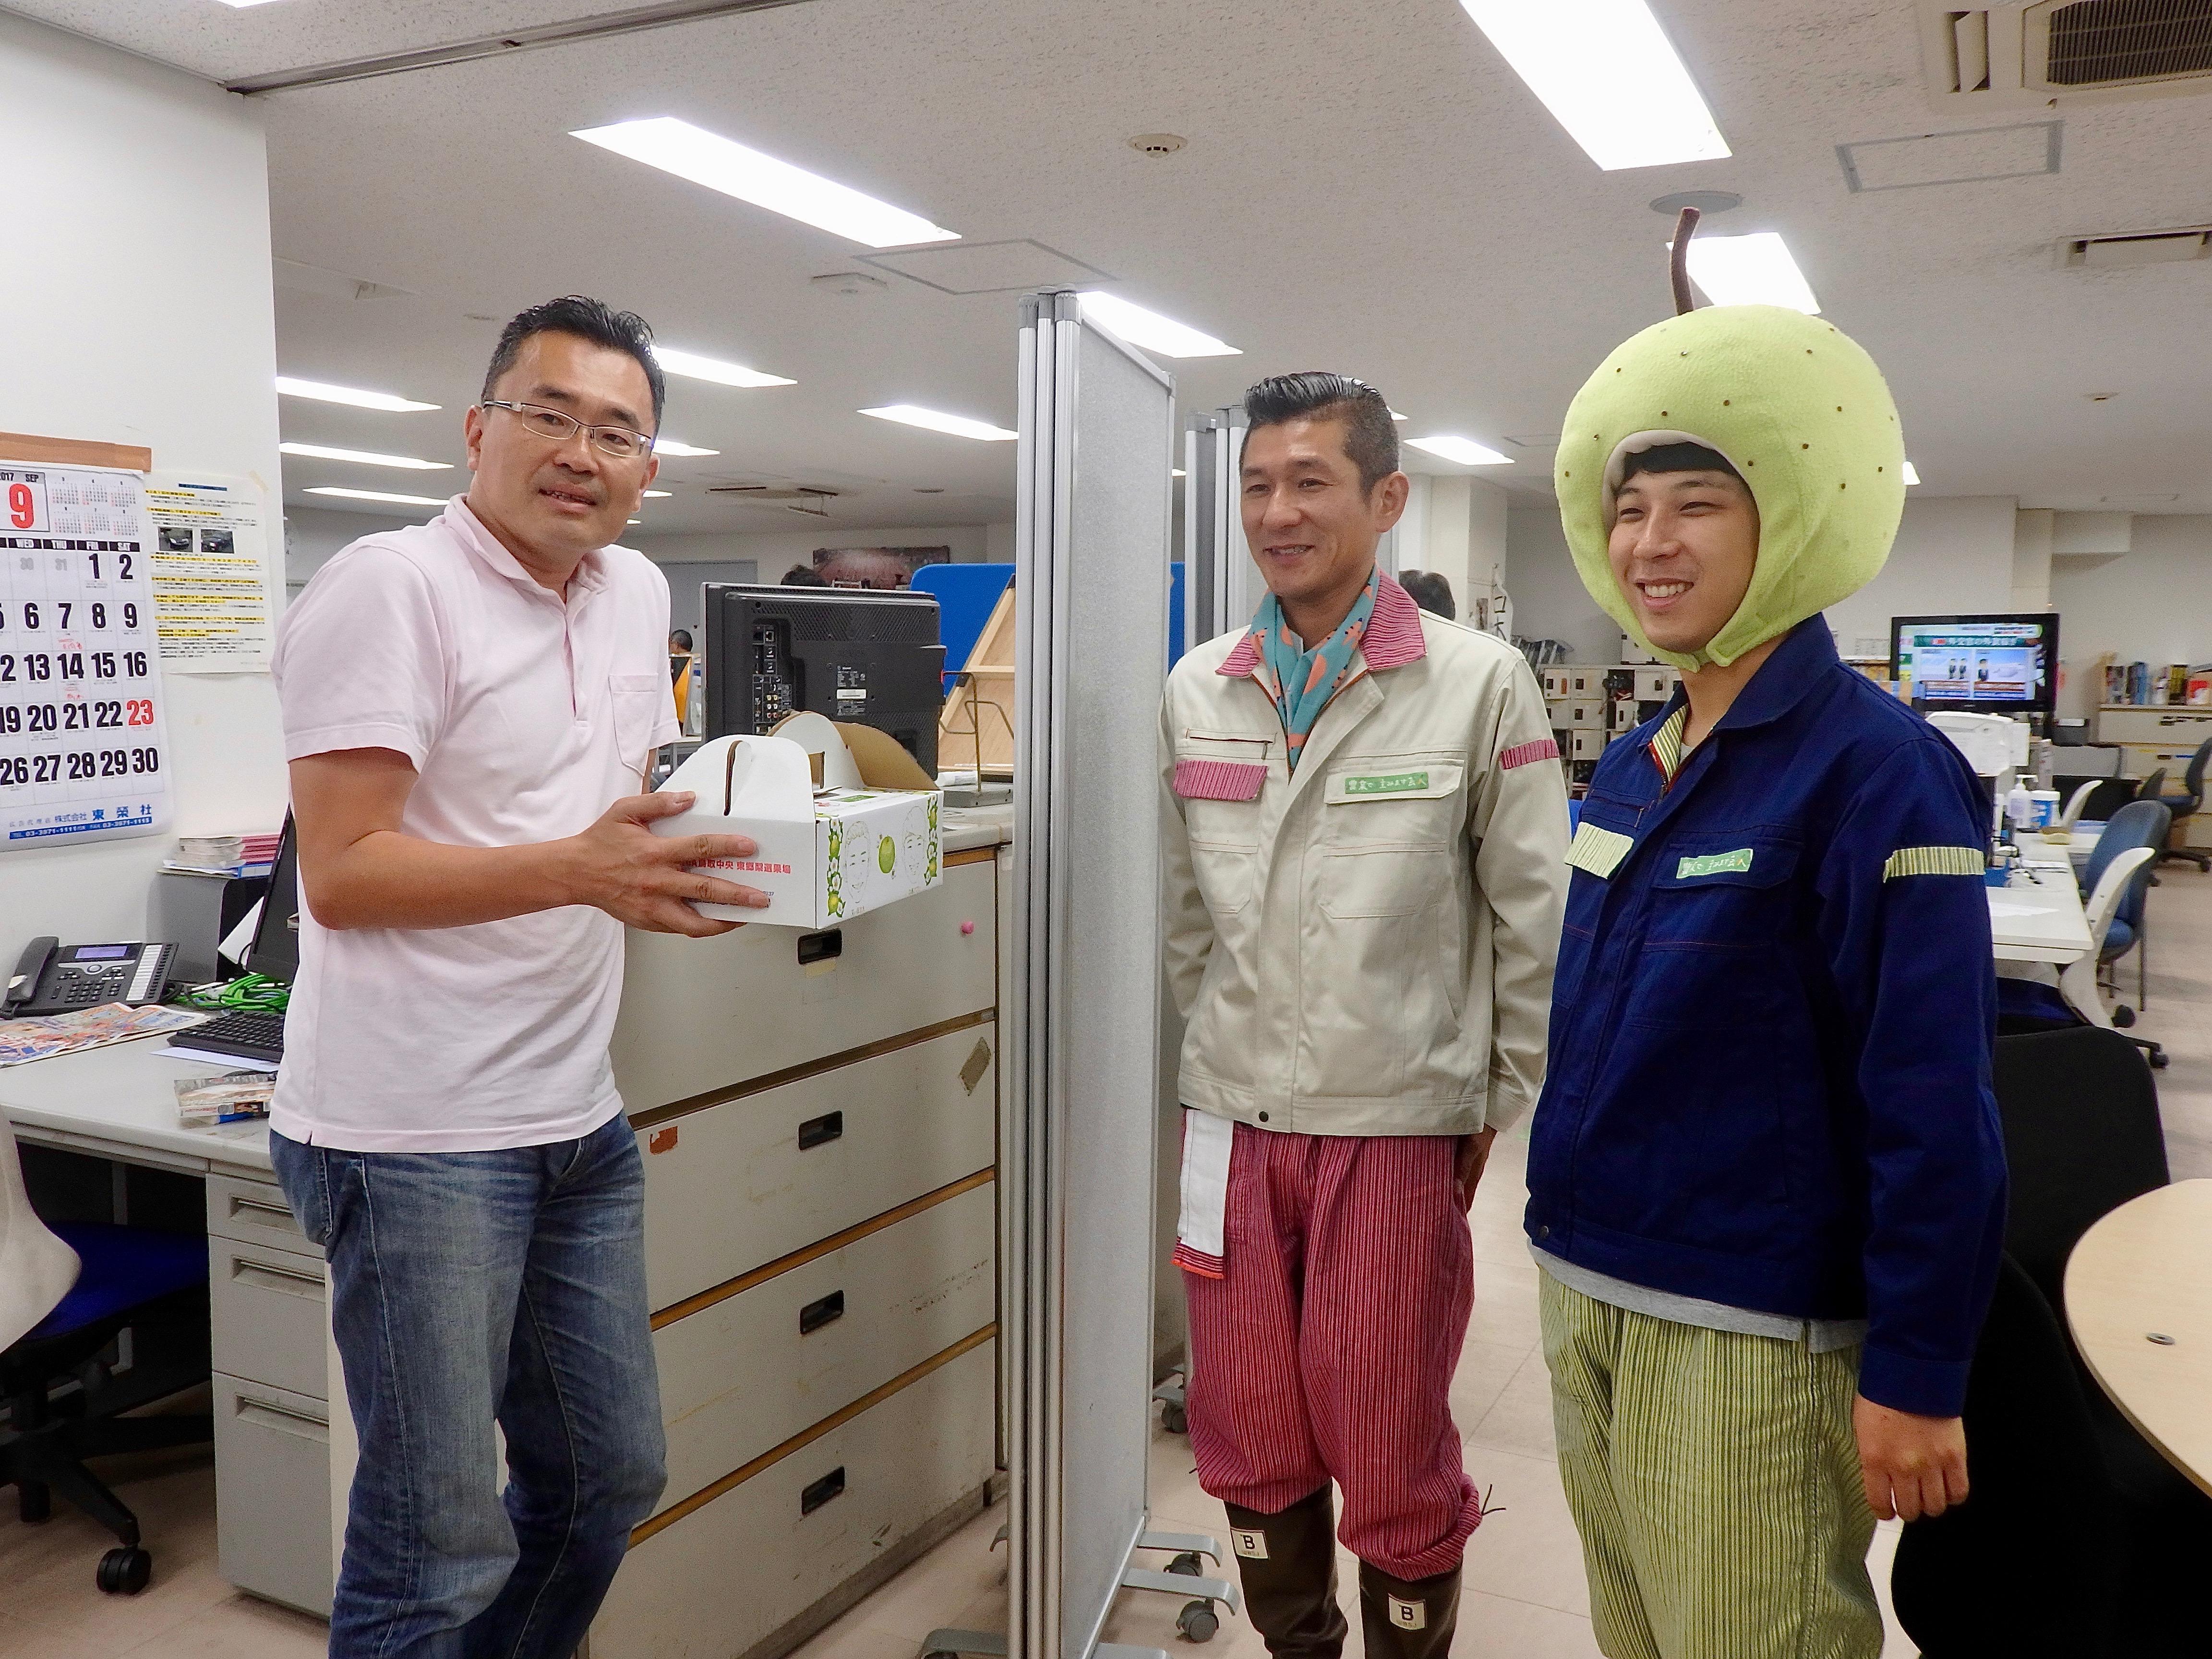 http://news.yoshimoto.co.jp/20170907230344-cbbd1b379ff7dc930f277843596e6aa7fca294da.jpg